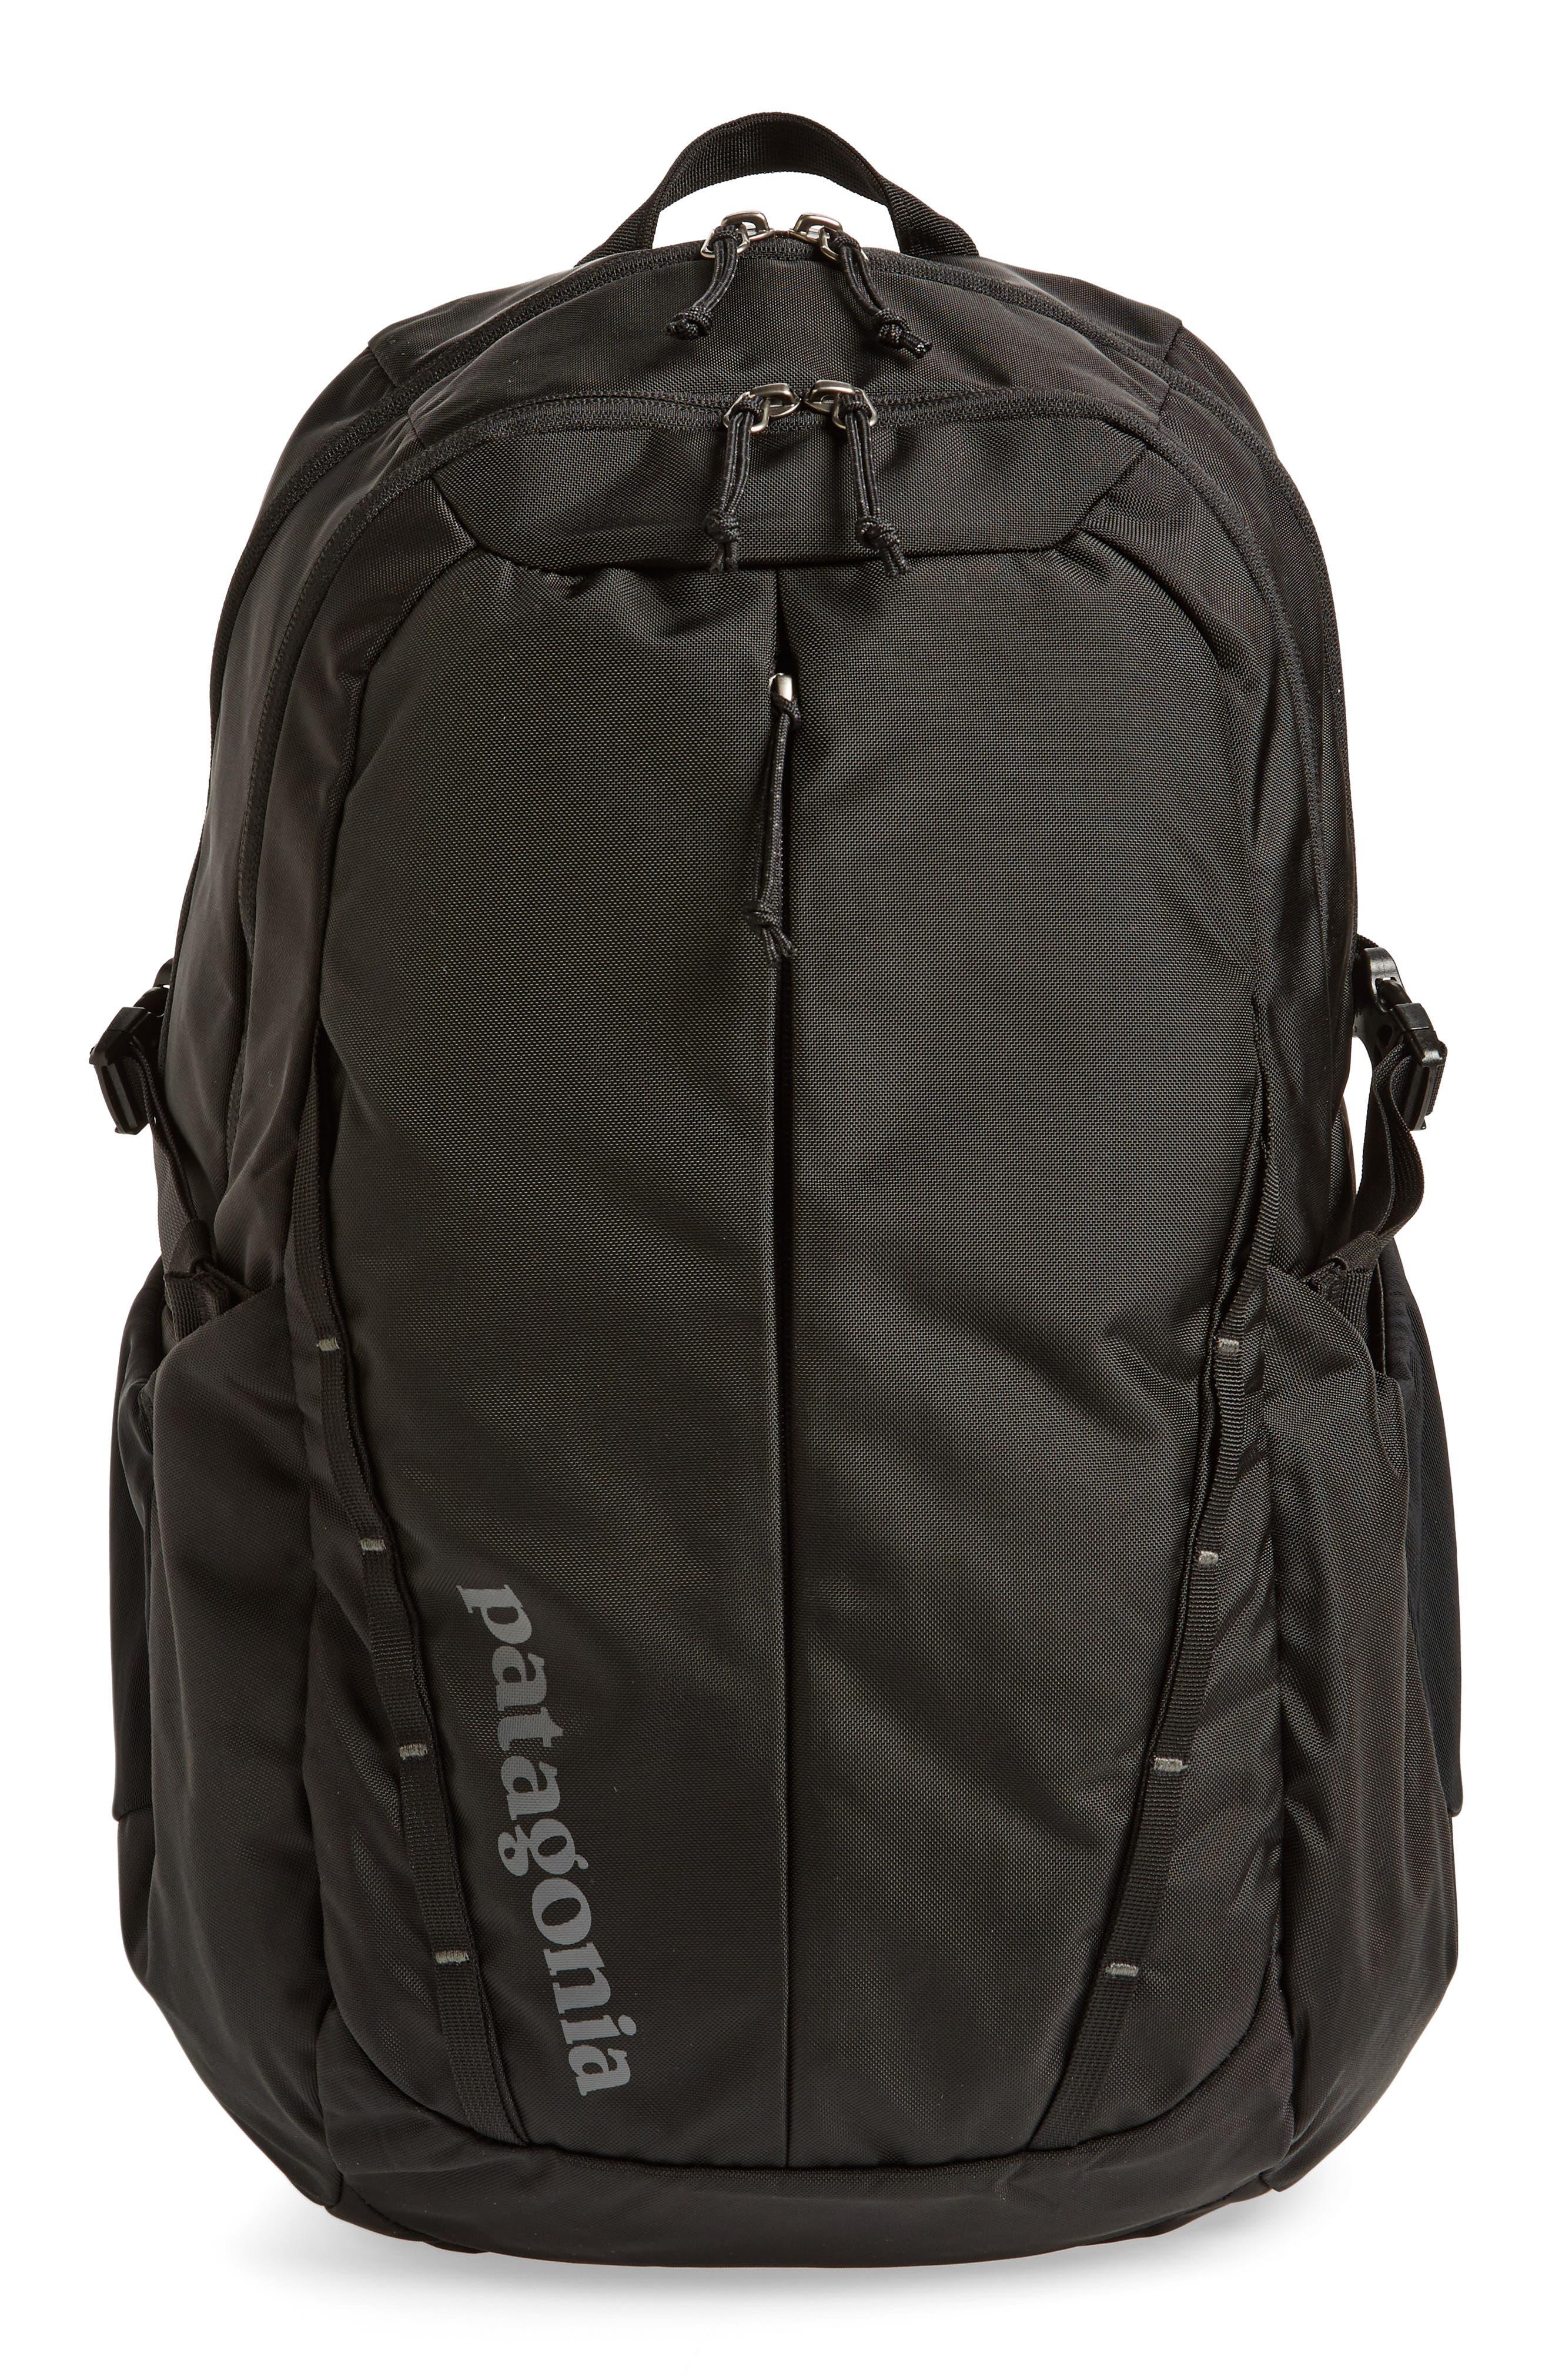 28L Refugio Backpack,                         Main,                         color, BLACK